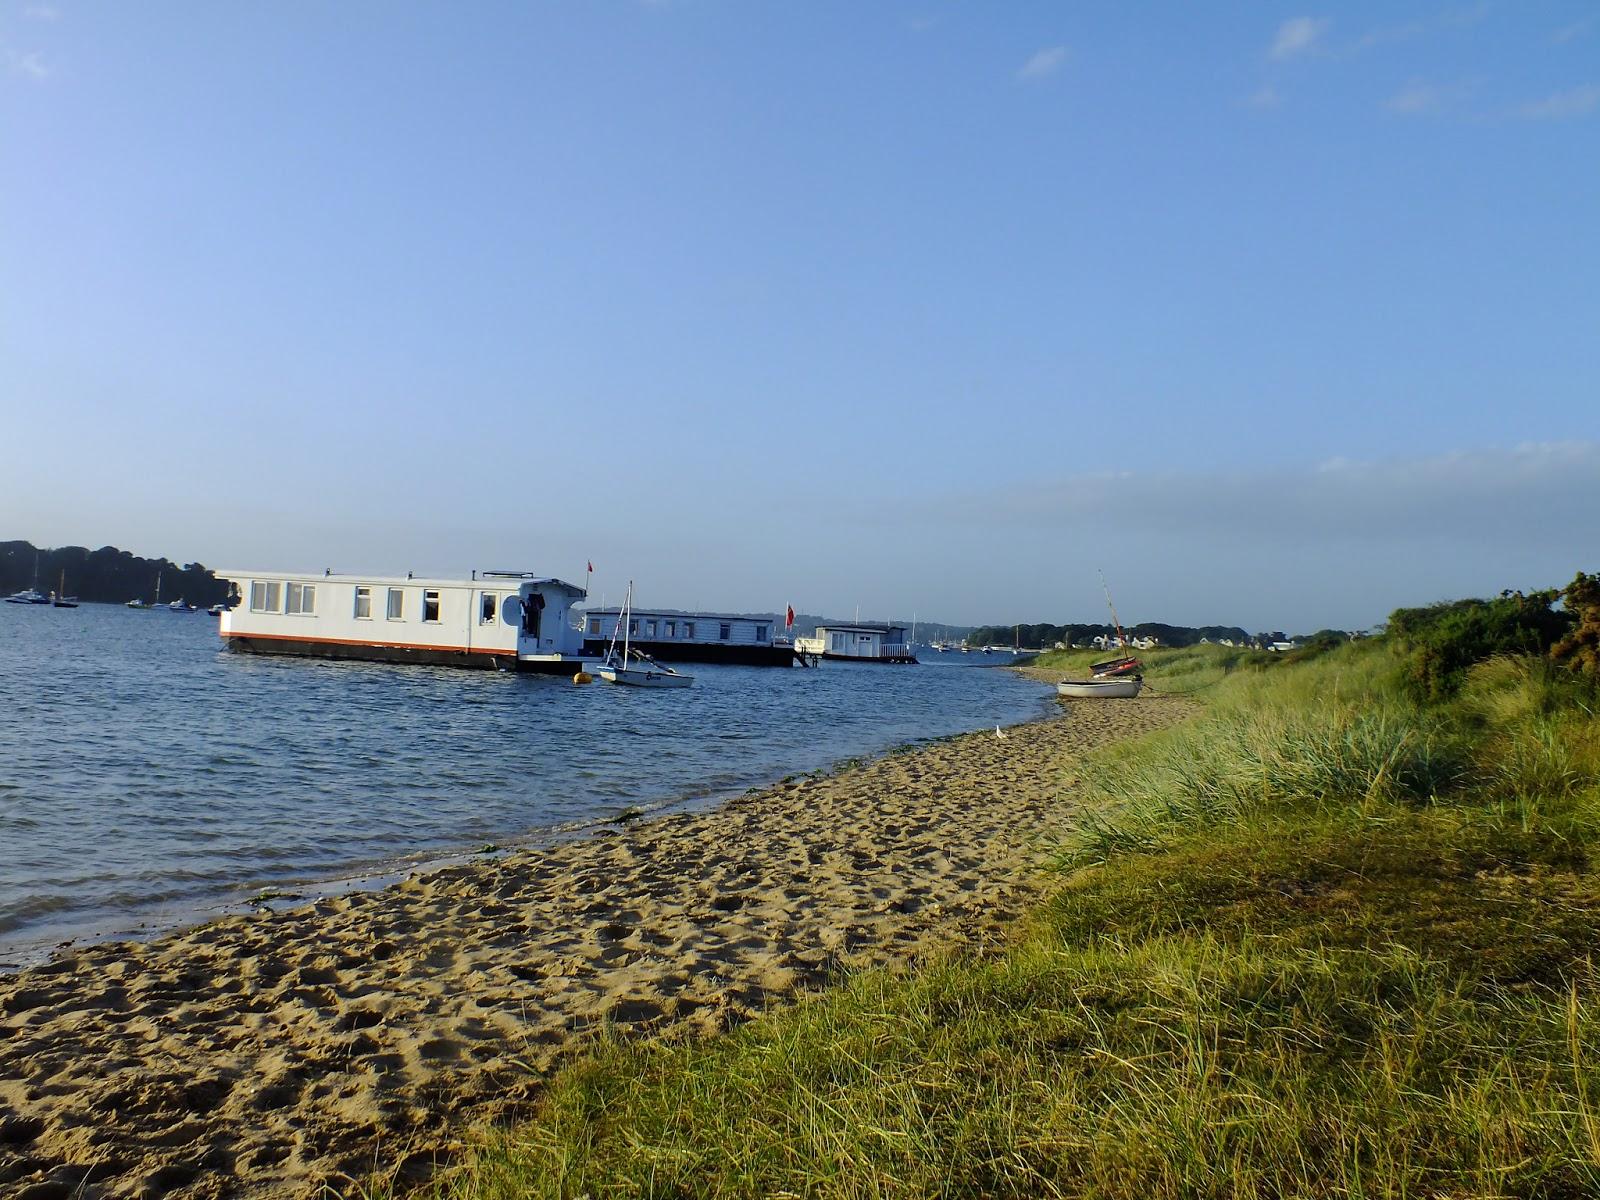 barki mieszkaniowe, domy na wodzie